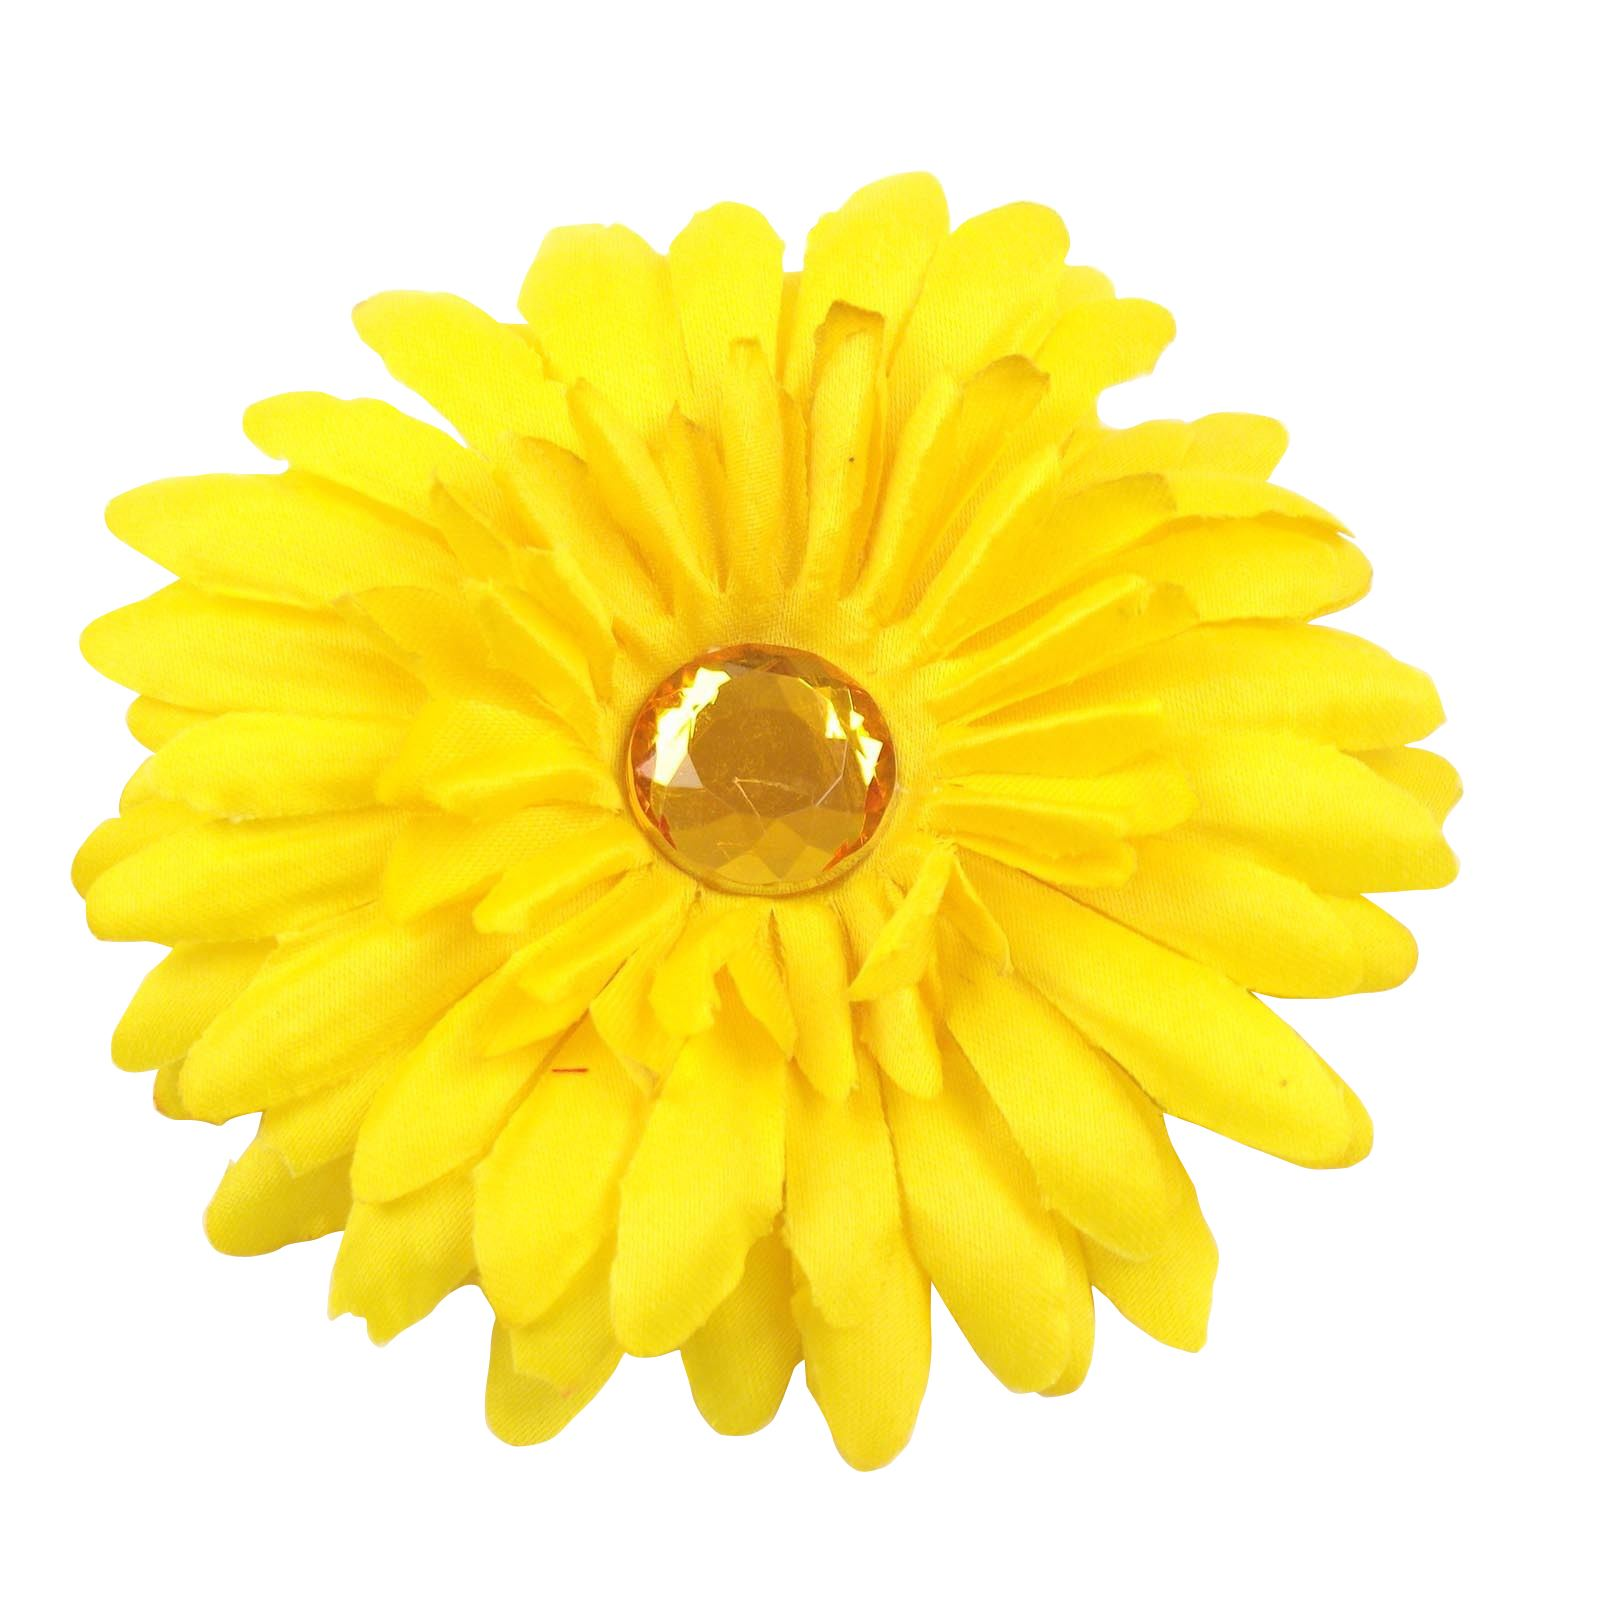 3 in 1 gerbera hair clip pin badge buy 3 get 4th free head flower 3 in 1 gerbera hair clip pin badge mightylinksfo